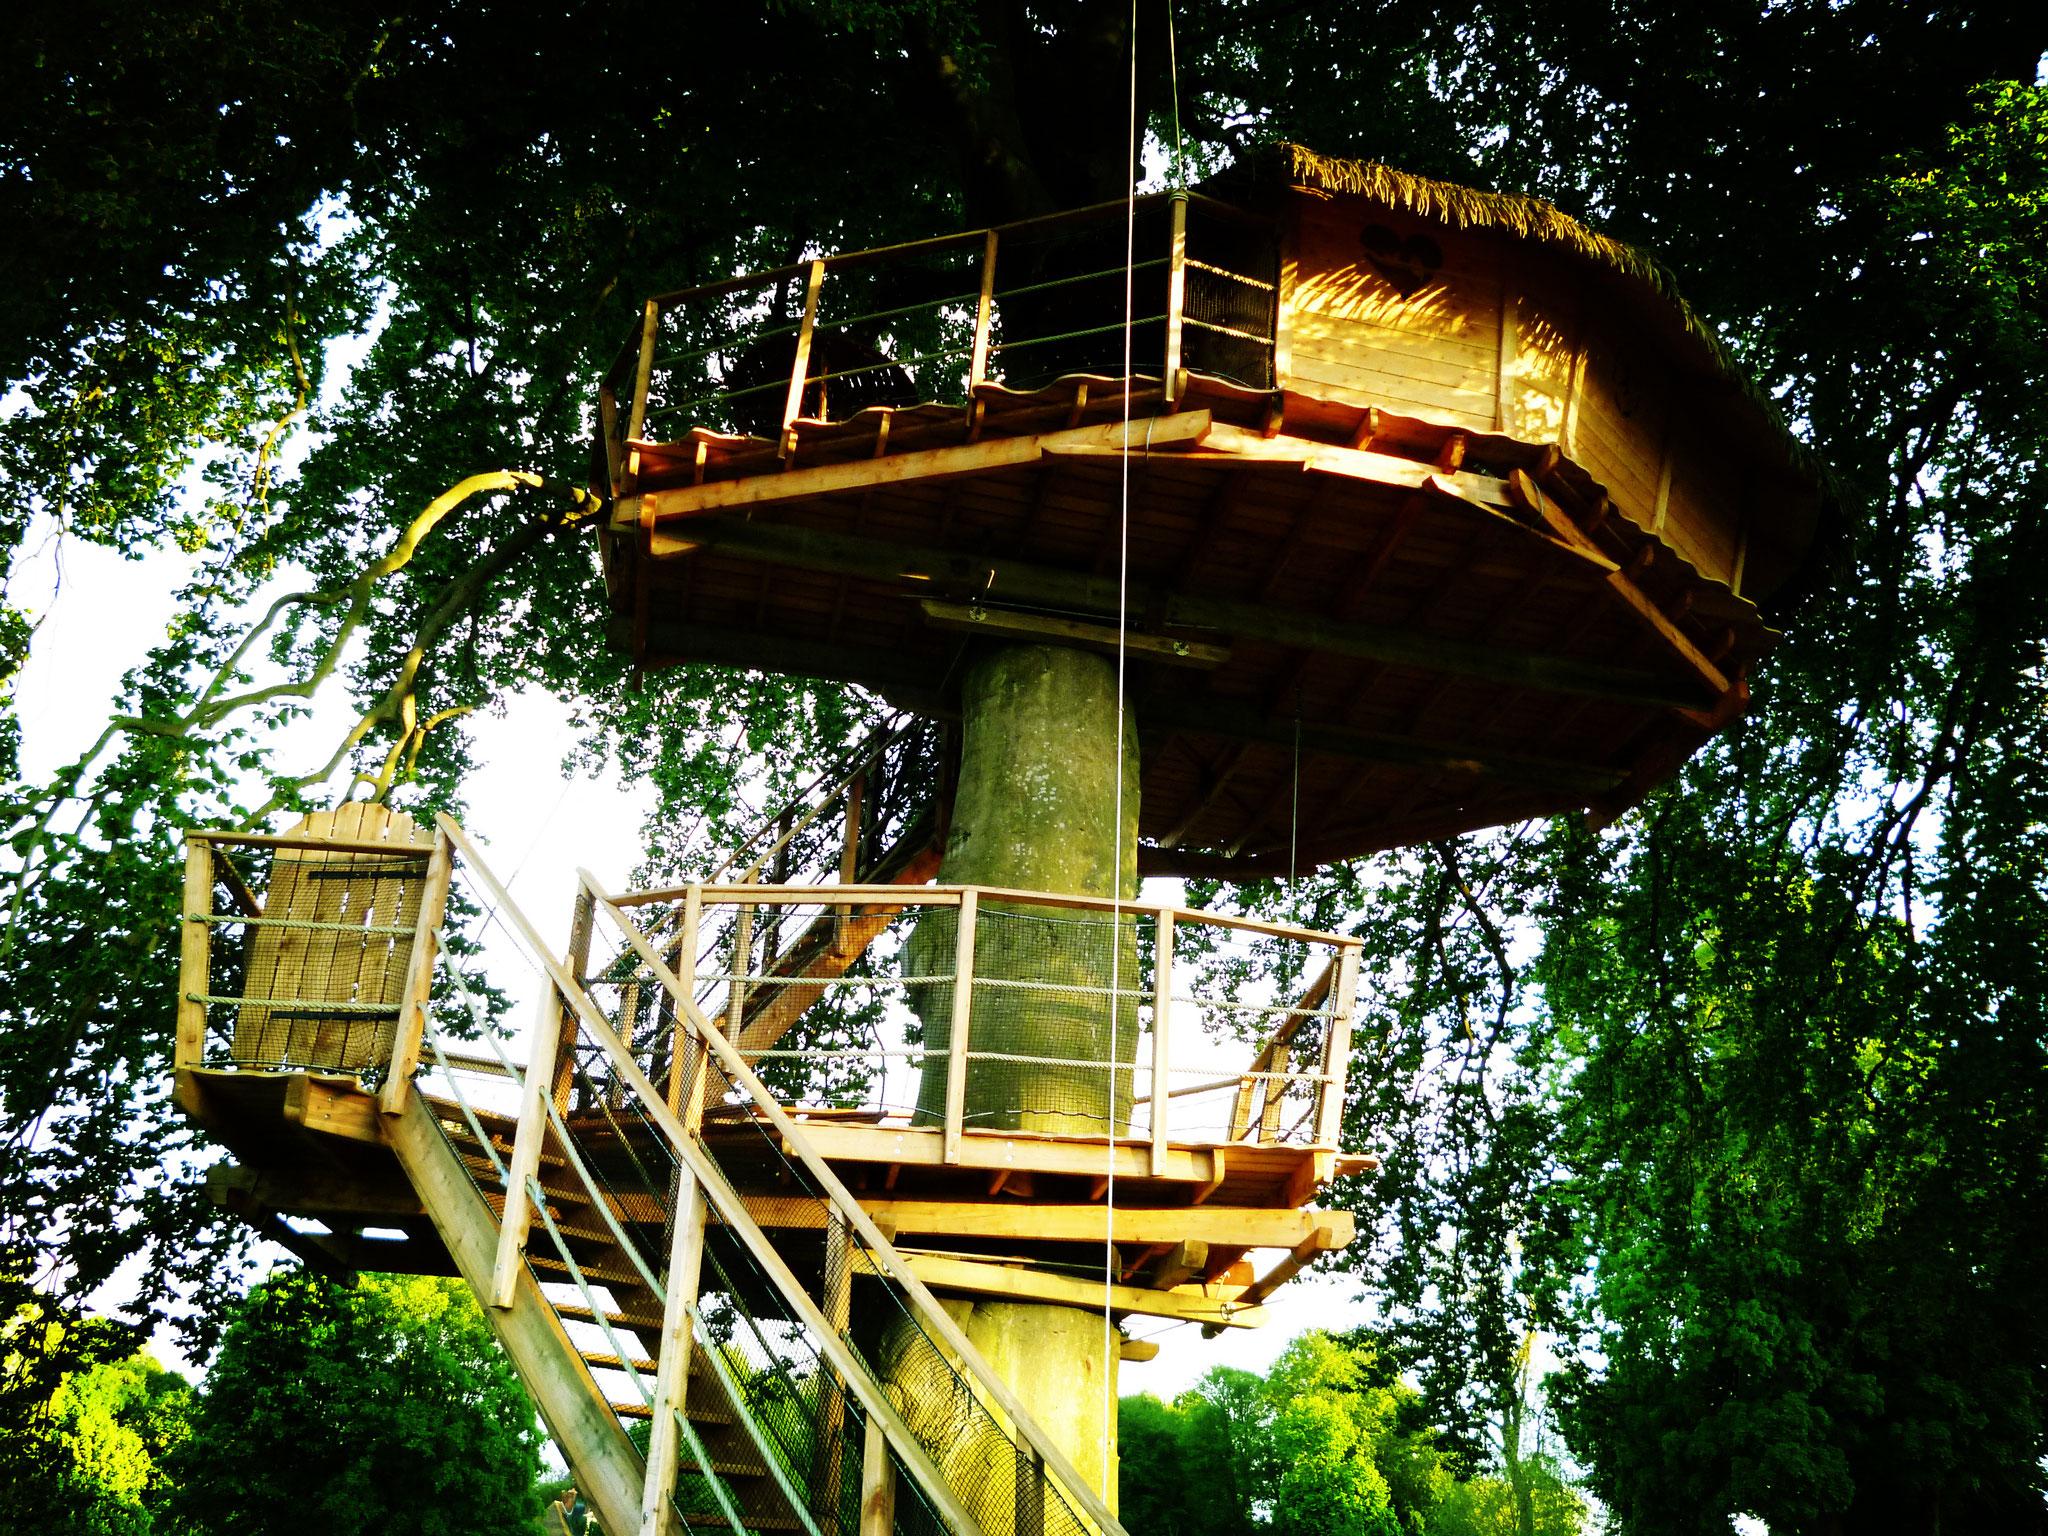 Réserver un séjour insolite dans la cabane en Baie de Somme